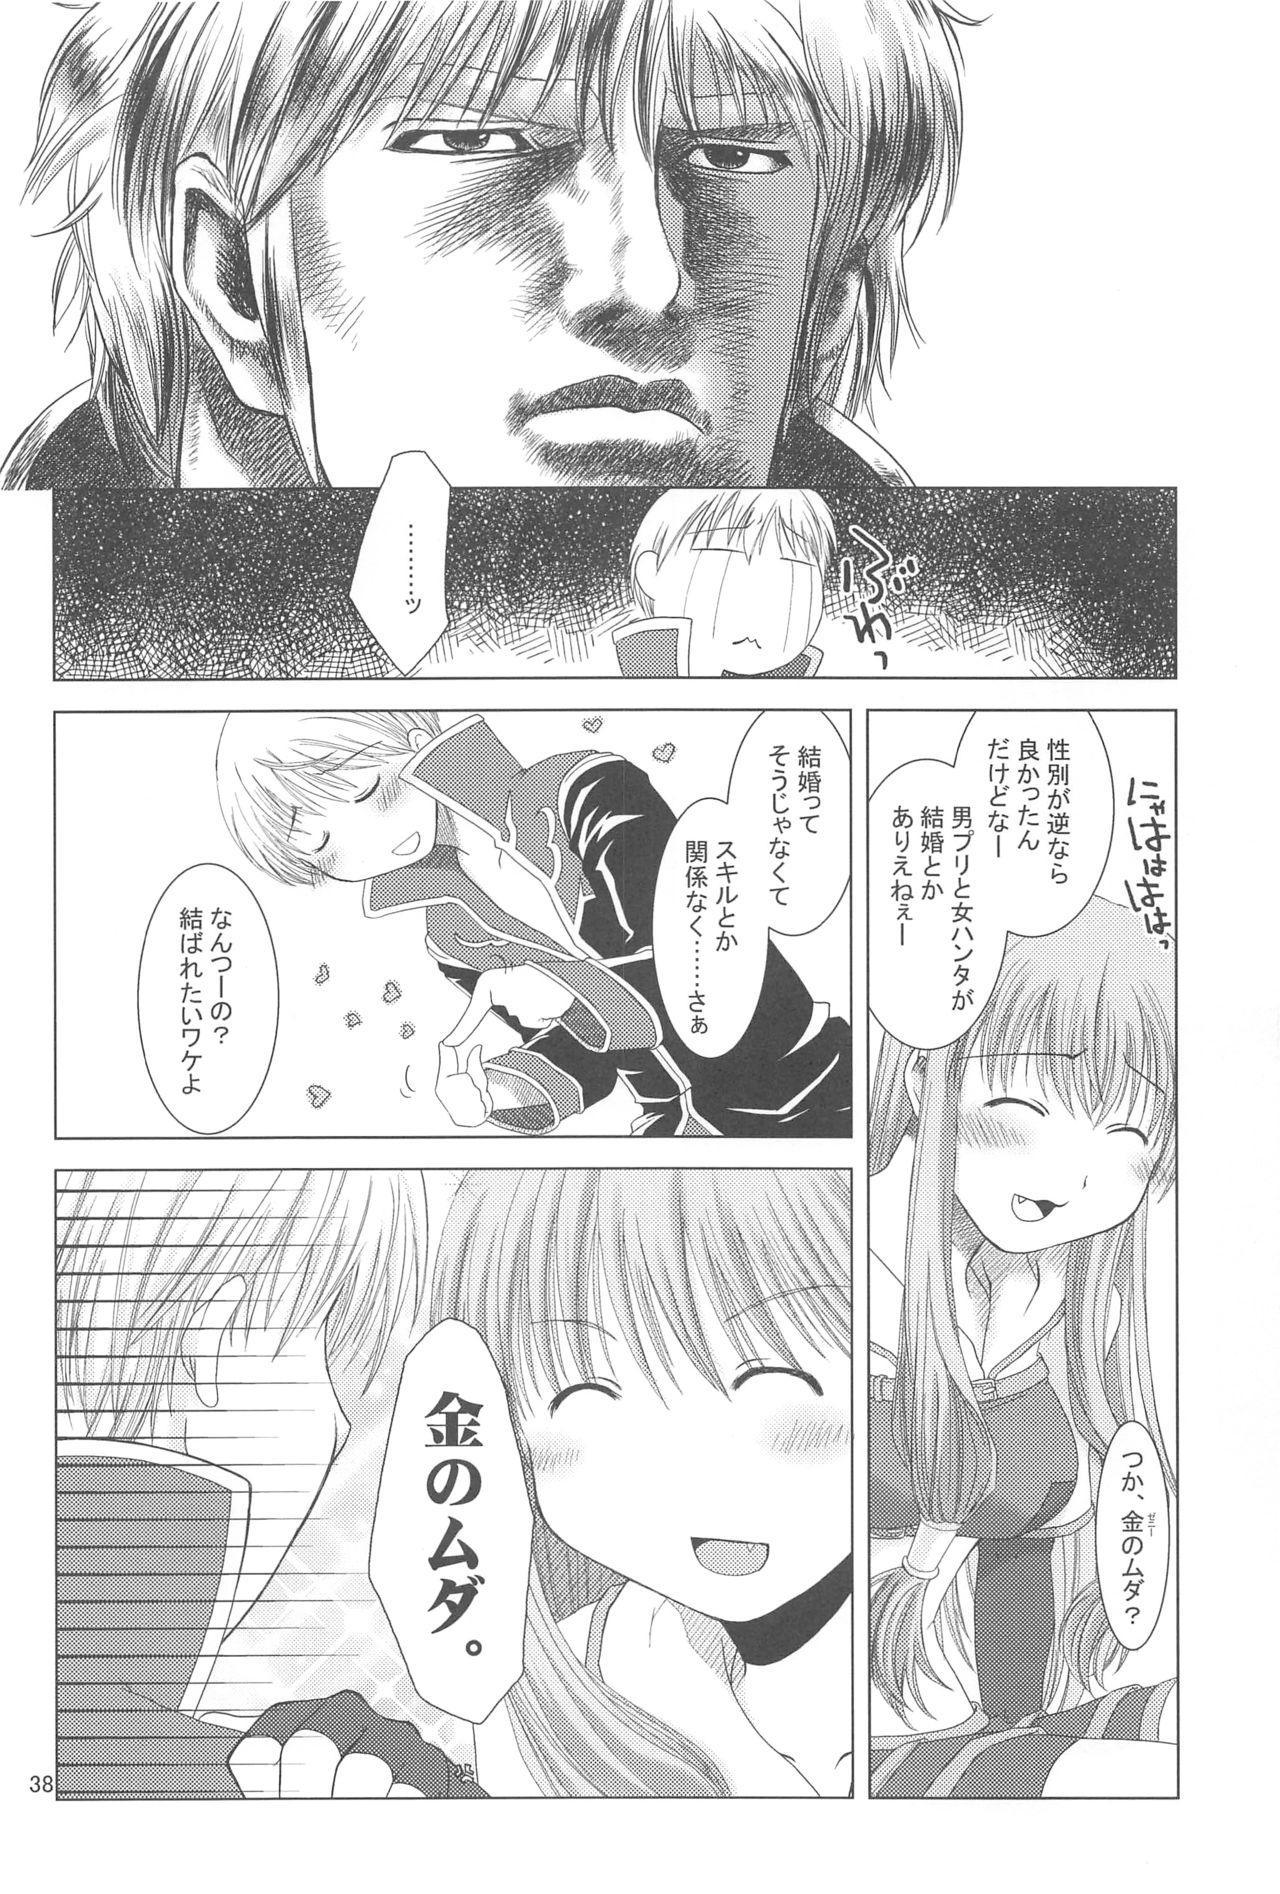 Quagmire no Chuushin de, Shuuchuuryoku Koujou to Sakebu 36